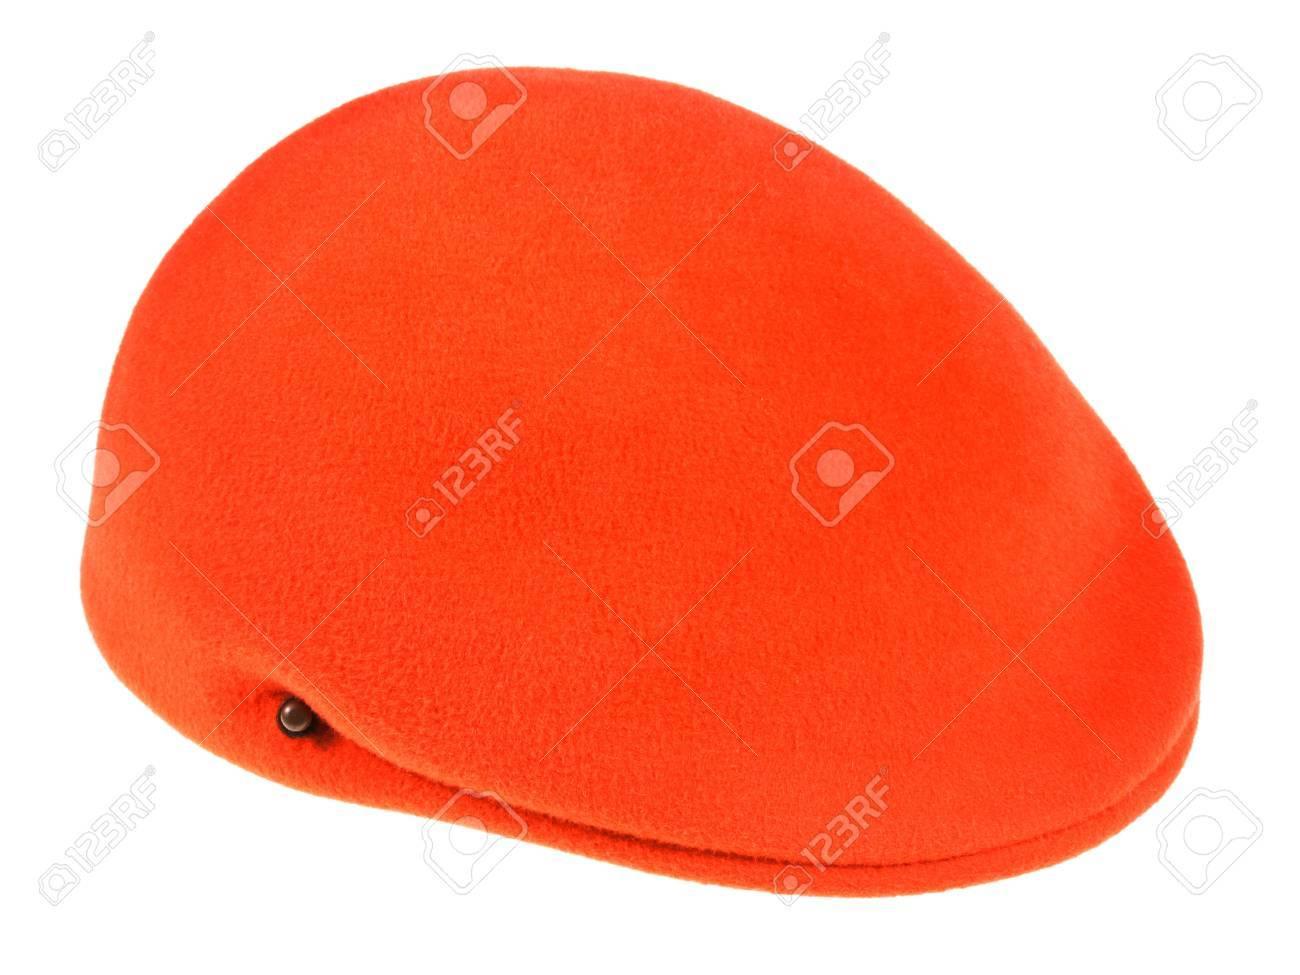 felt orange flat cap isolated on white background Stock Photo - 19417802